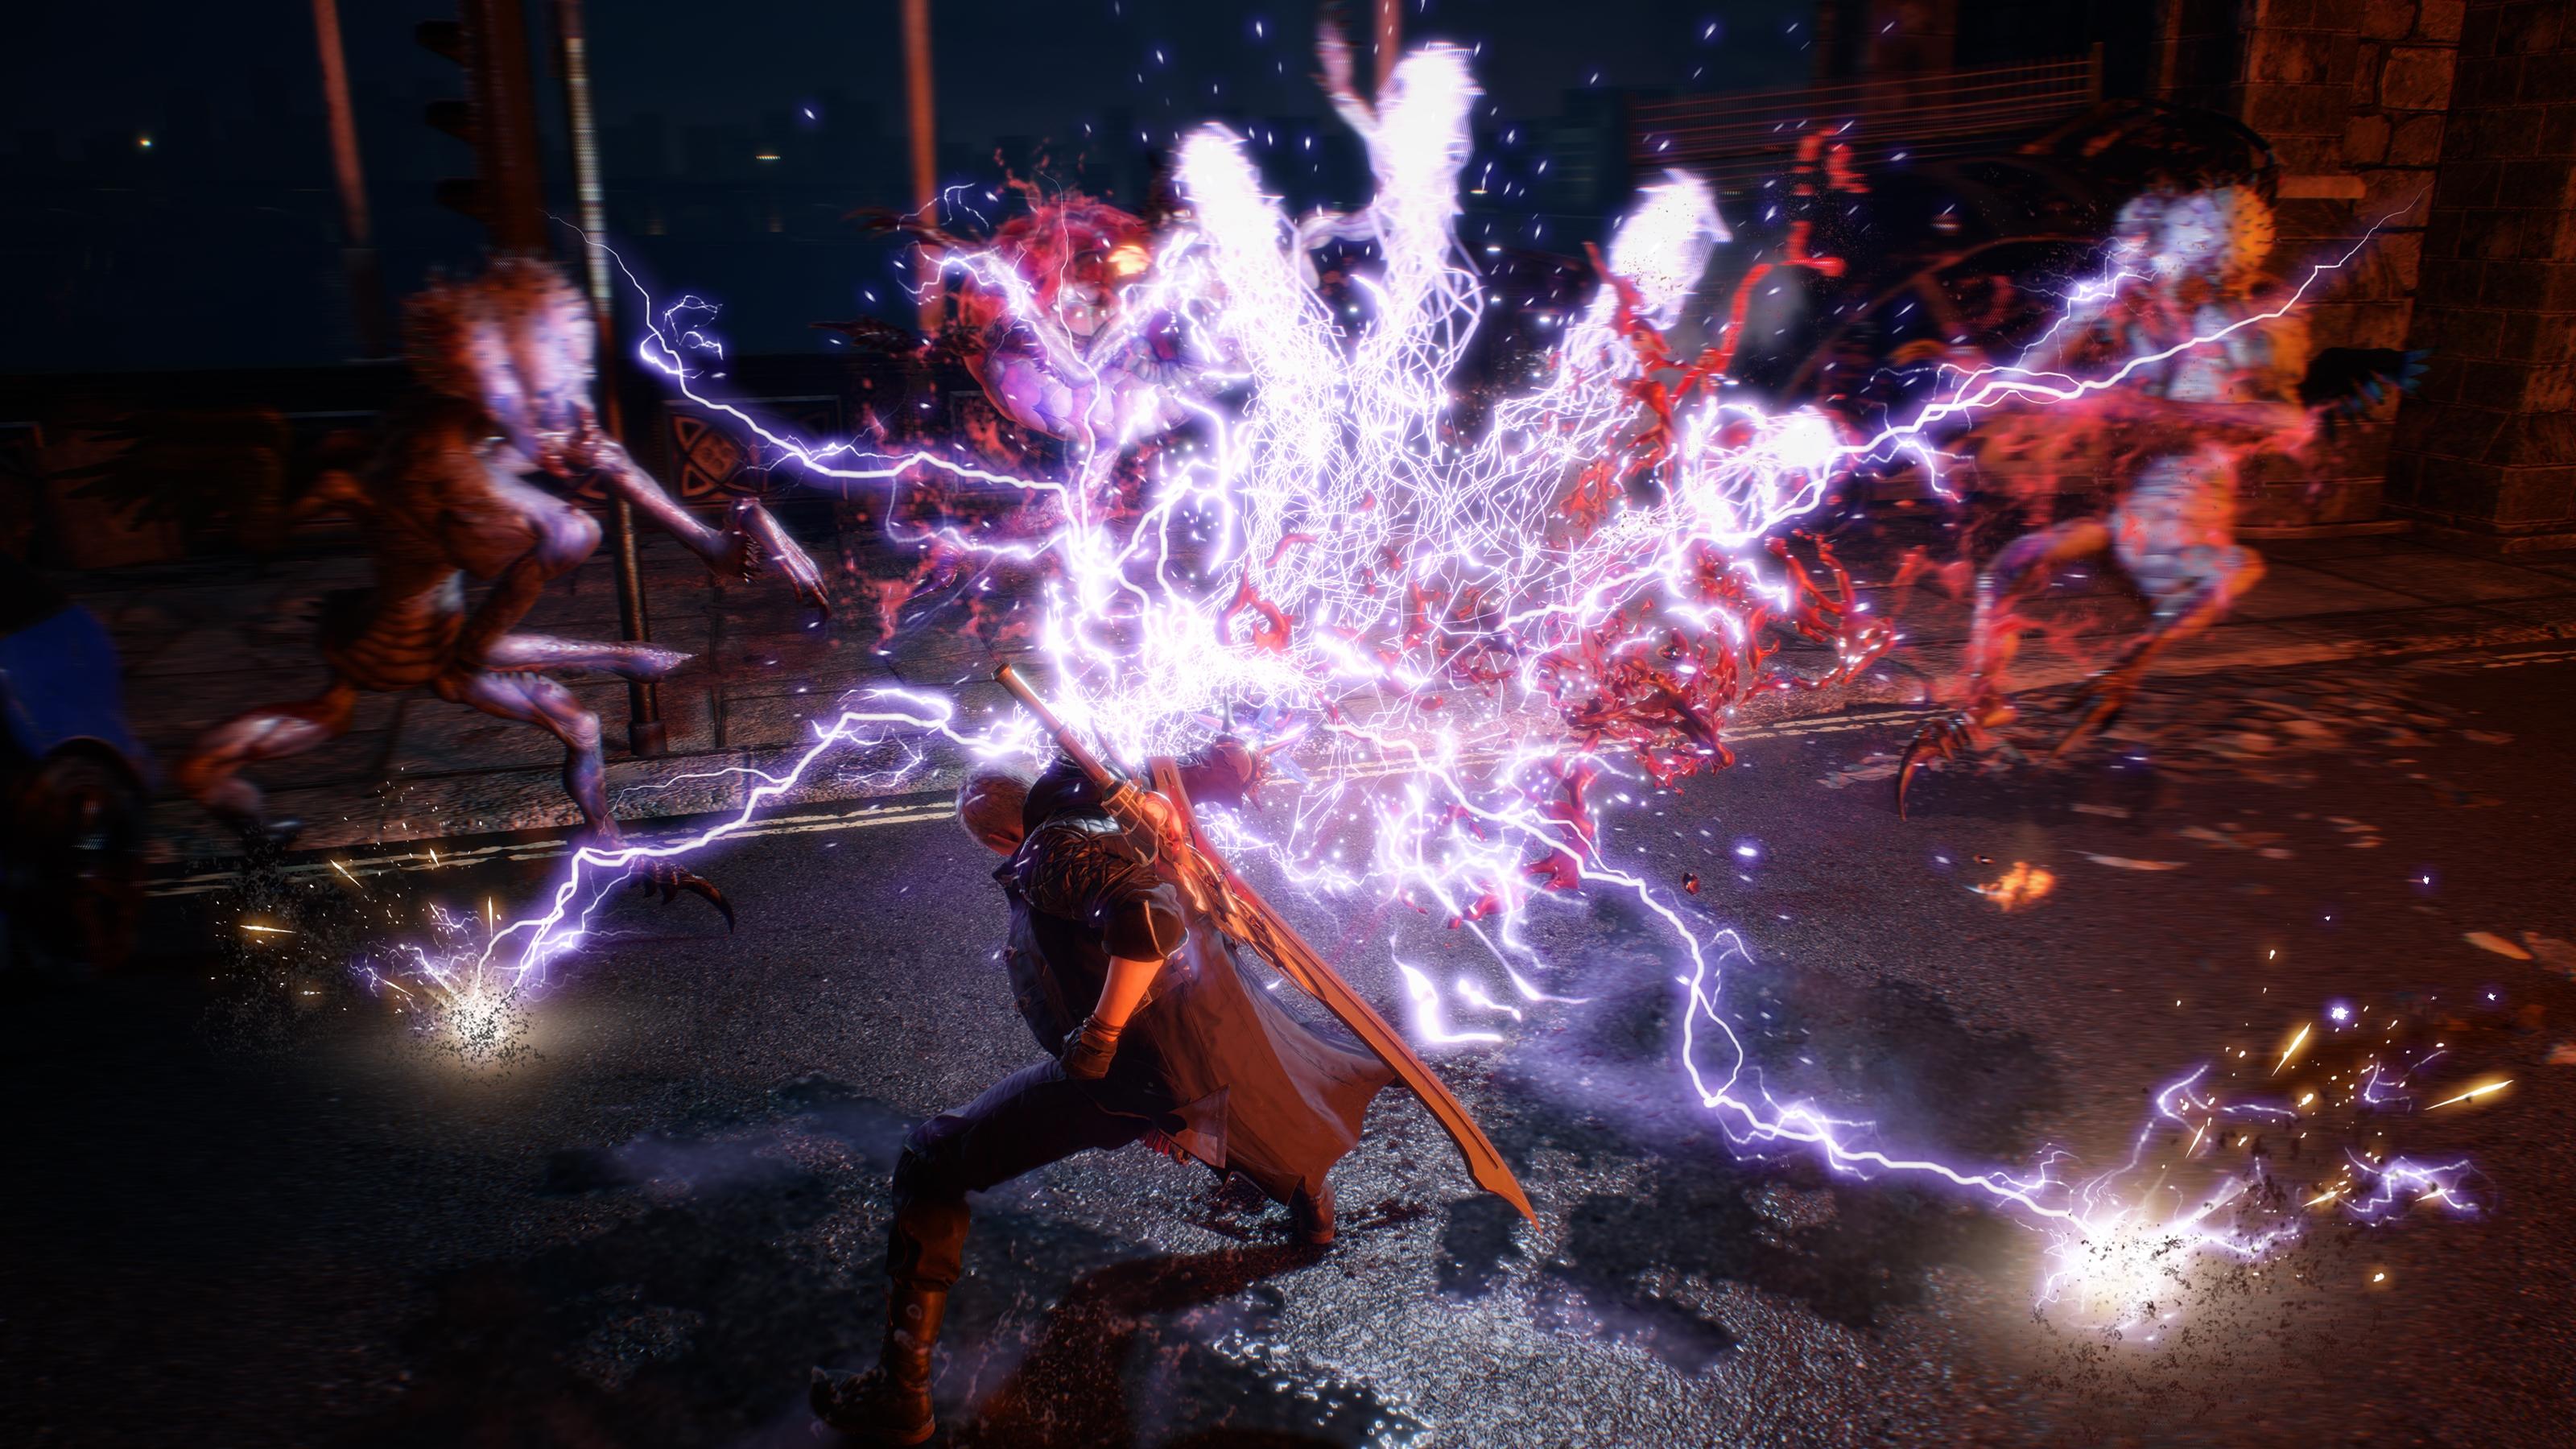 Jogamos Devil May Cry 5: jogatina é a mistura perfeita entre DMC 4 e DmC